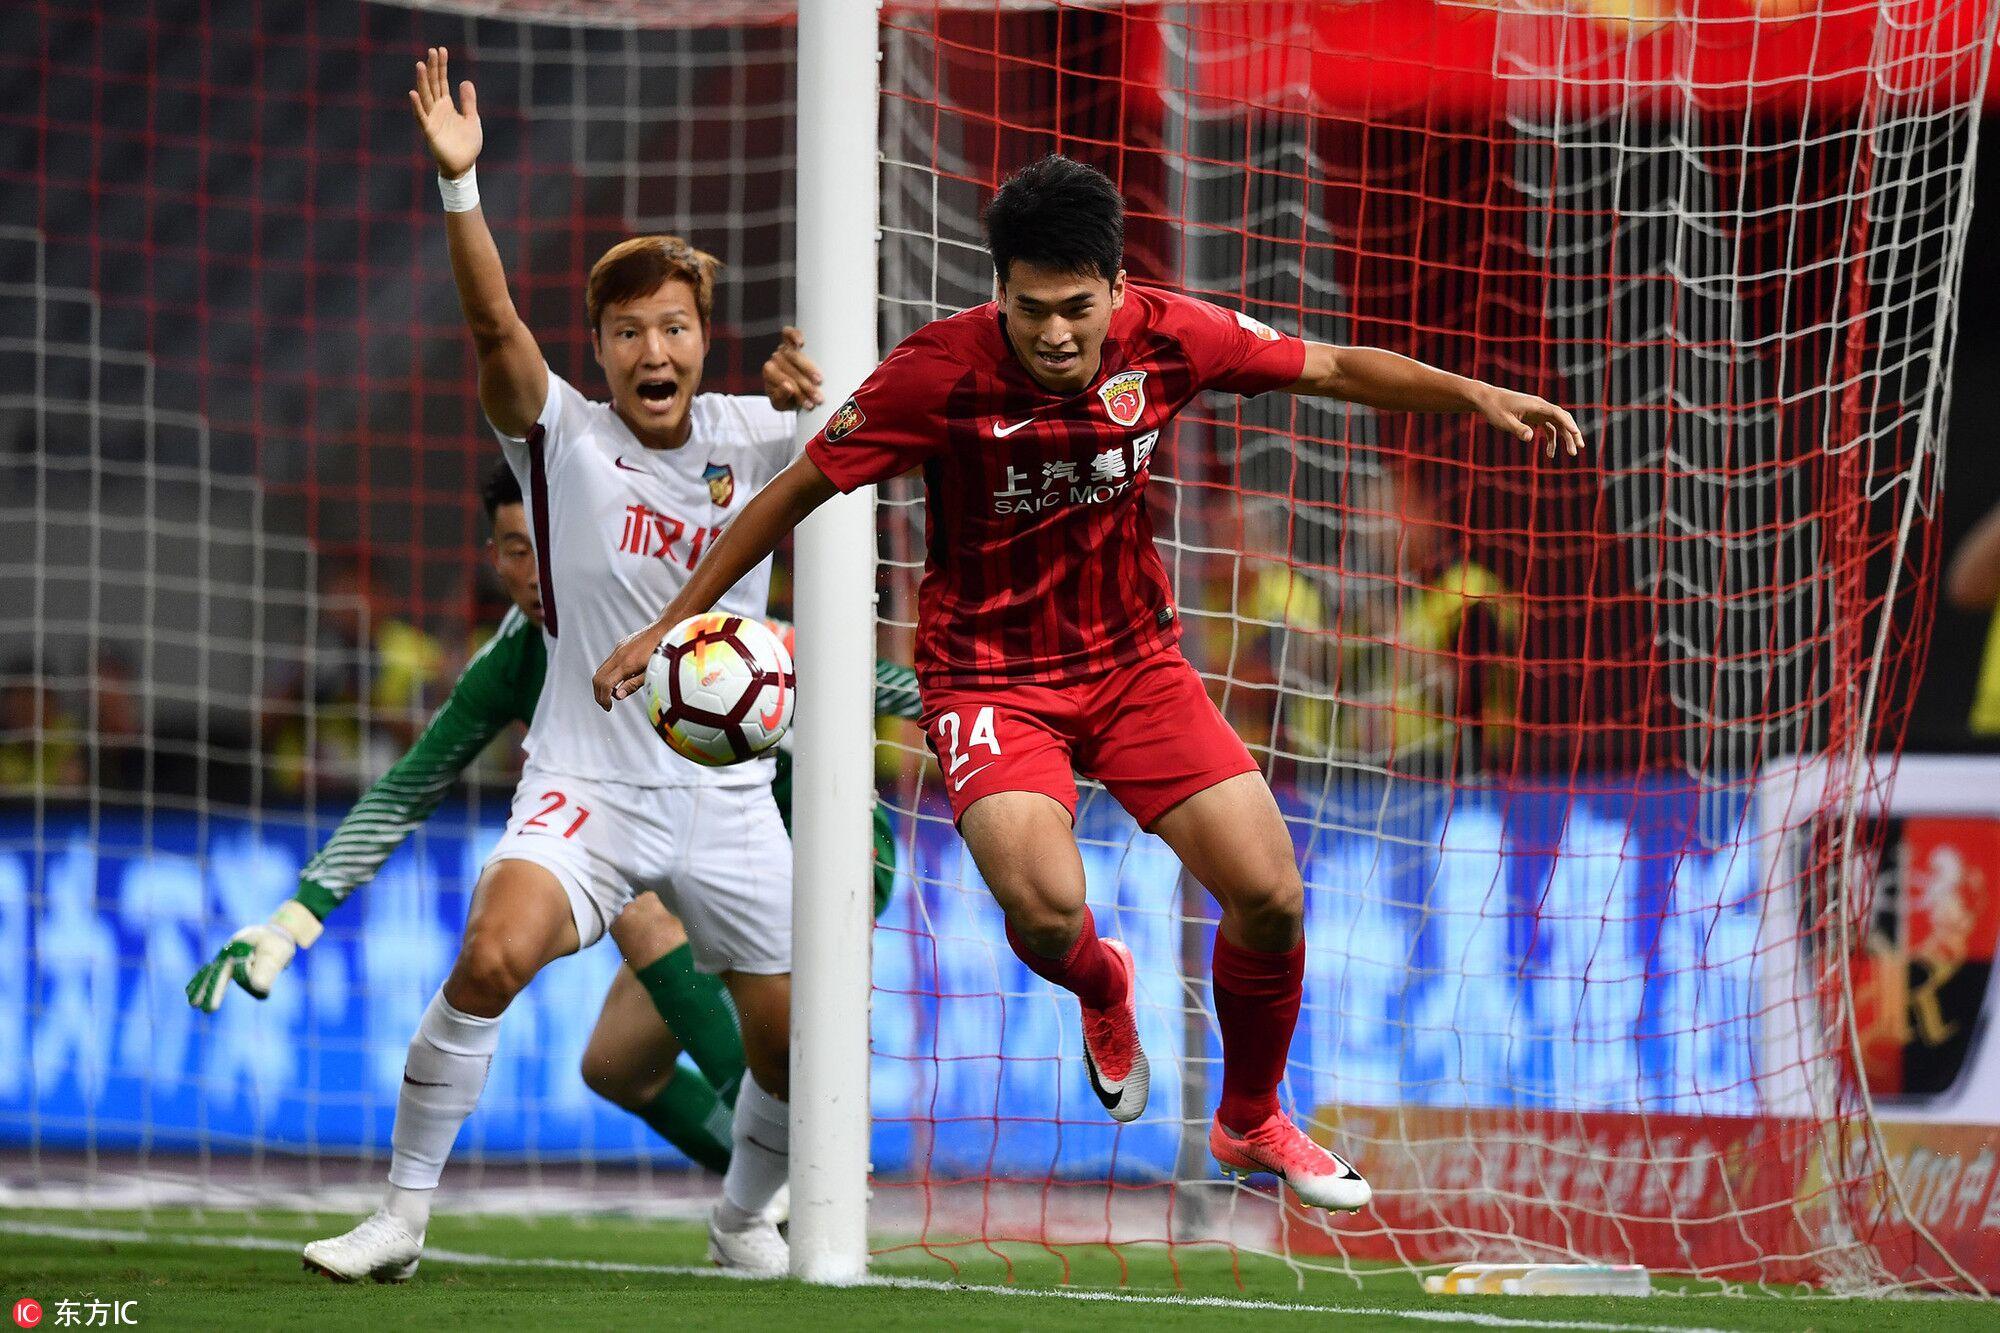 快讯:适用亚运新规,上港在场11人没有U23球员